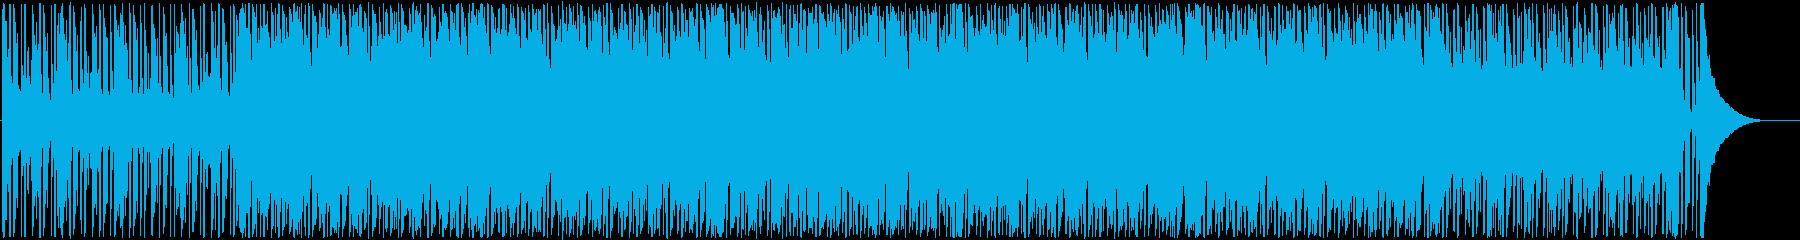 のんびりと落ち着くゆったりな音楽の再生済みの波形